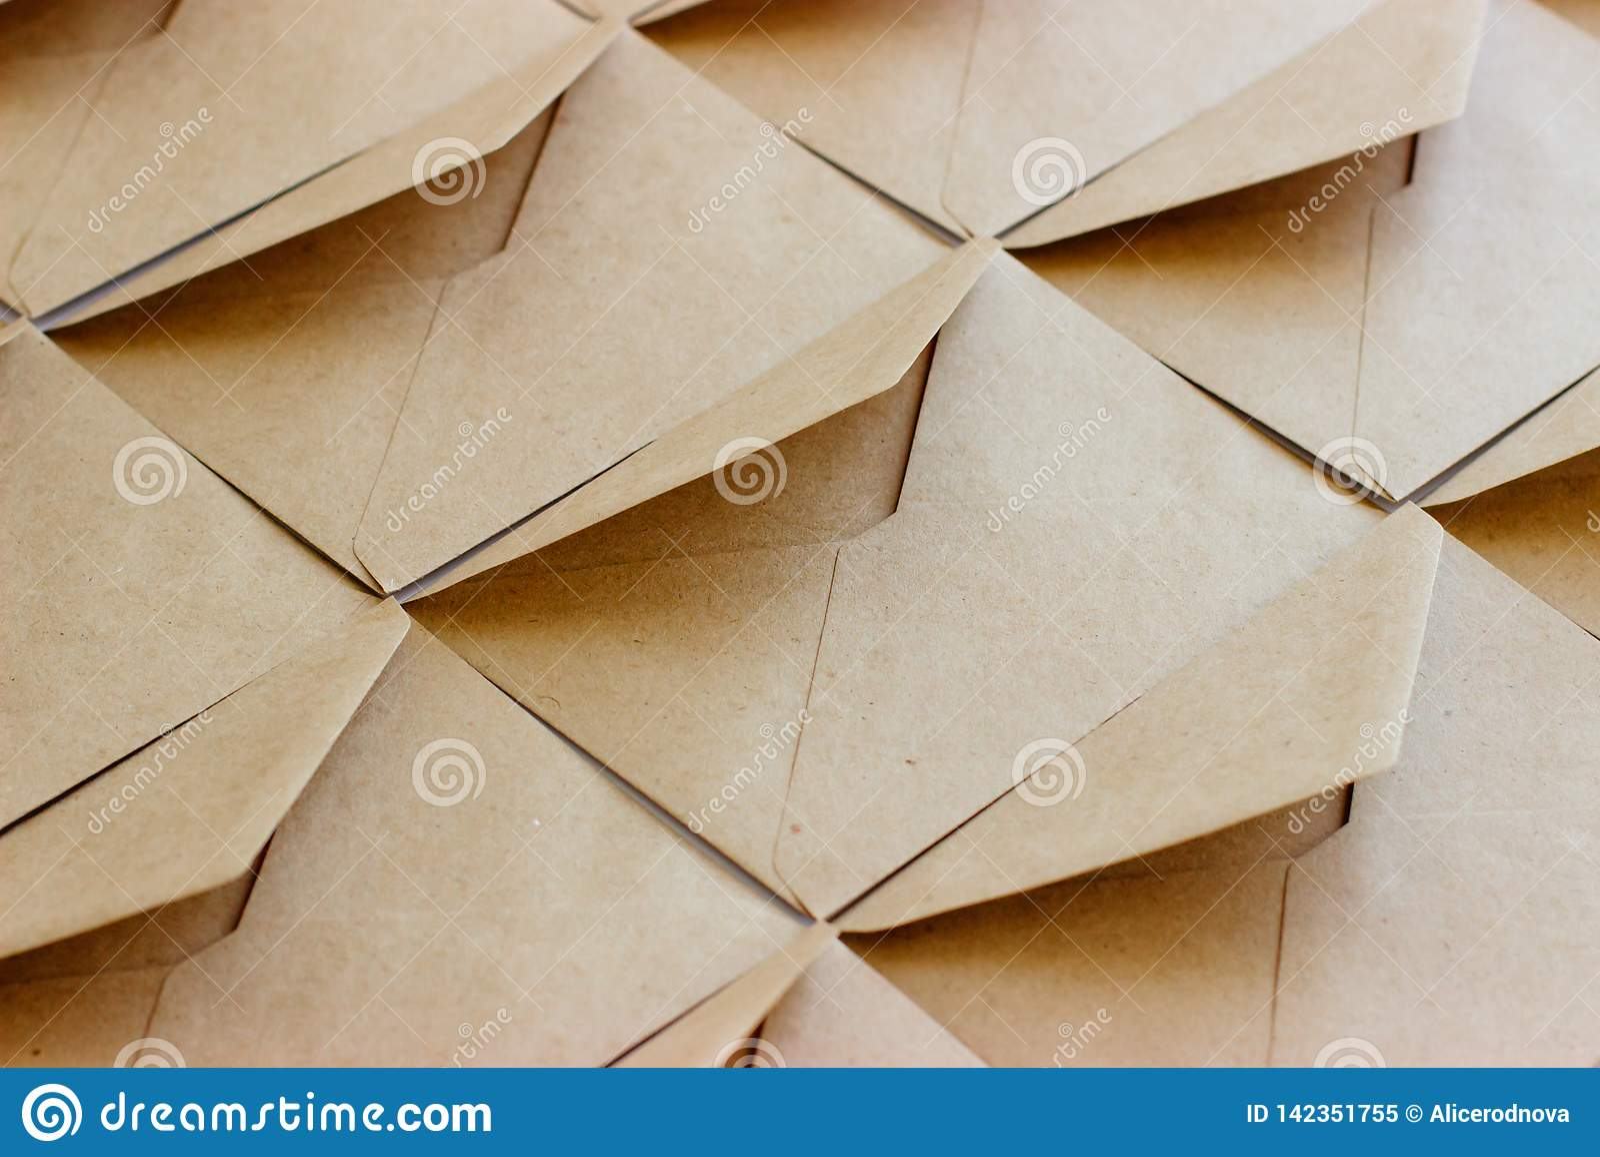 La disposition du calibre d enveloppe est faite de papier d emballage brun